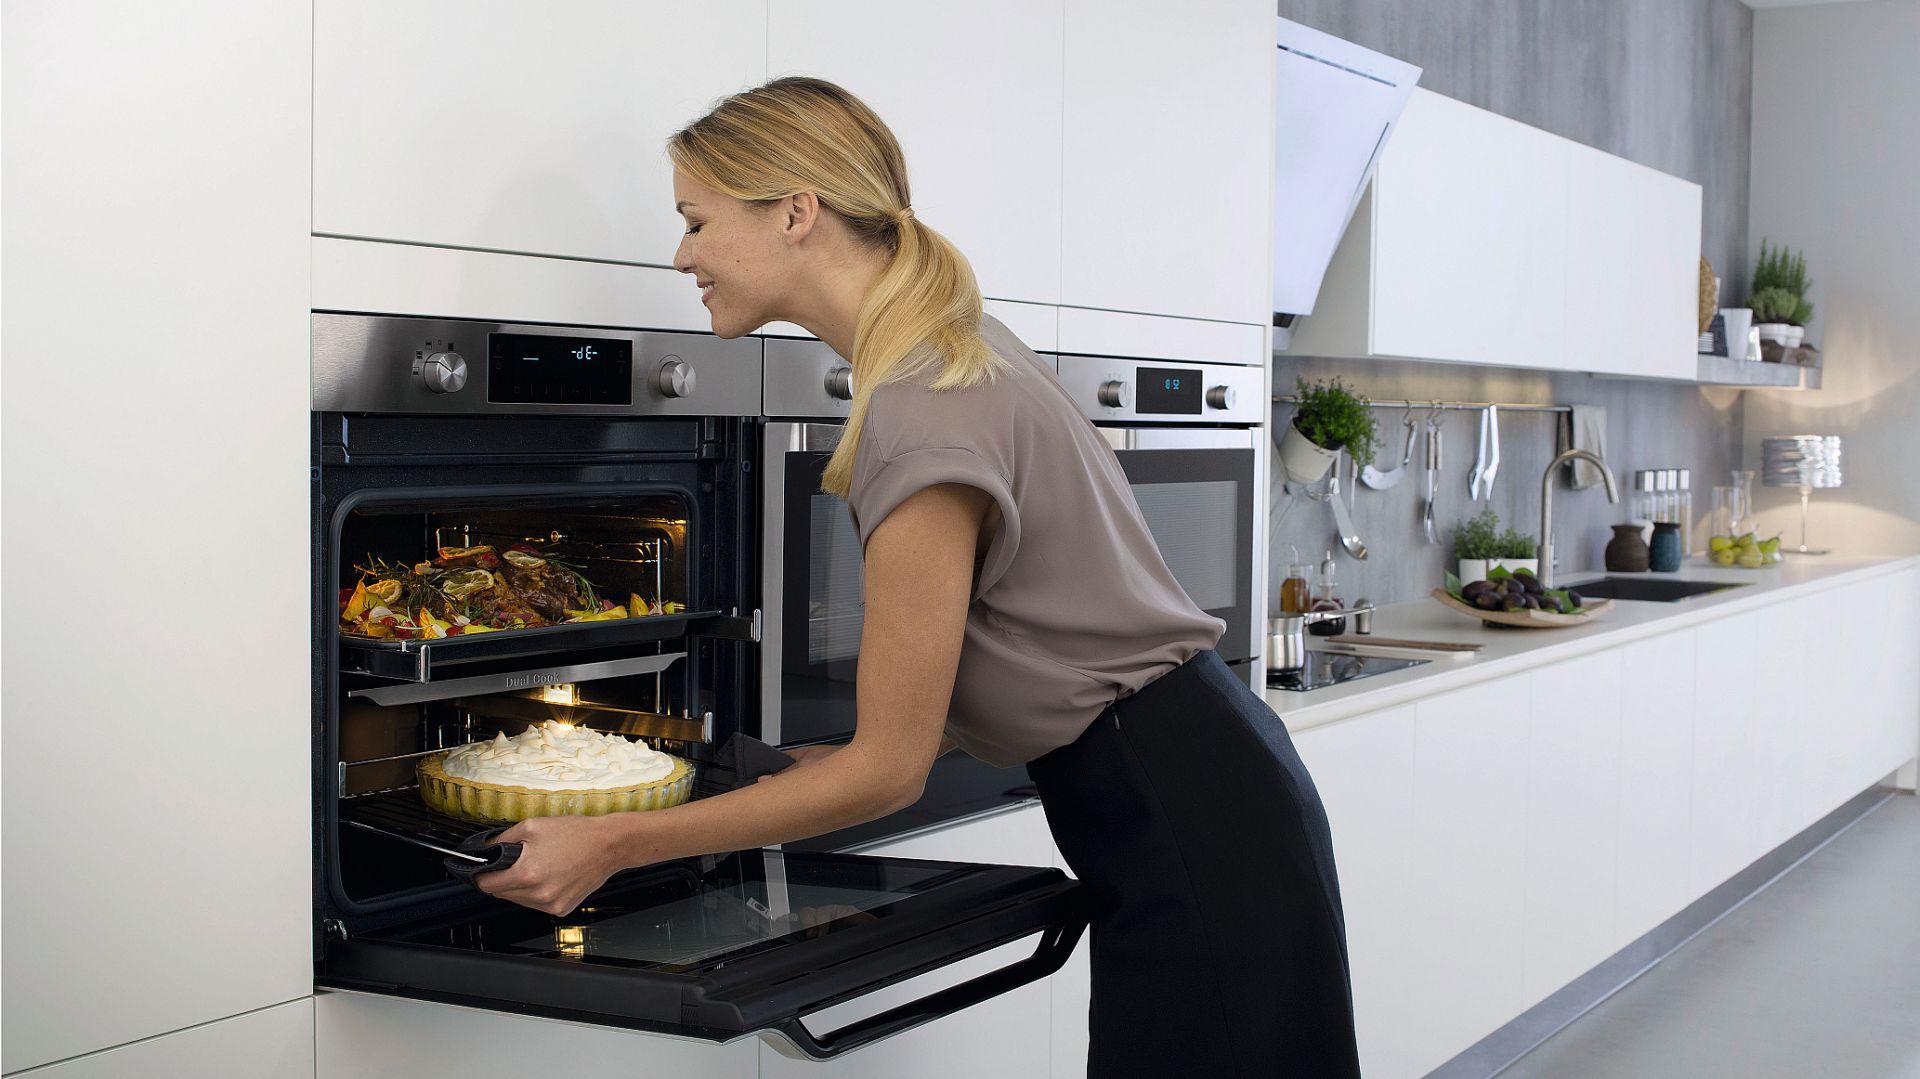 Piekarnik NV75J5540RS z technologią Dual Cook™firmy Teka pozwala przyrządzić ciasto i pieczeń równocześnie, bez obaw, że ich zapachy się przenikną. Wnętrze można podzielić na dwie komory i ustawić w nich dwa niezależne tryby i różne temperatury. Rozwiązanie sprawia, że przygotowywanie tych potraw zajmuje znacznie mniej czasu. Cena: 2.298 zł. Fot. Samsung